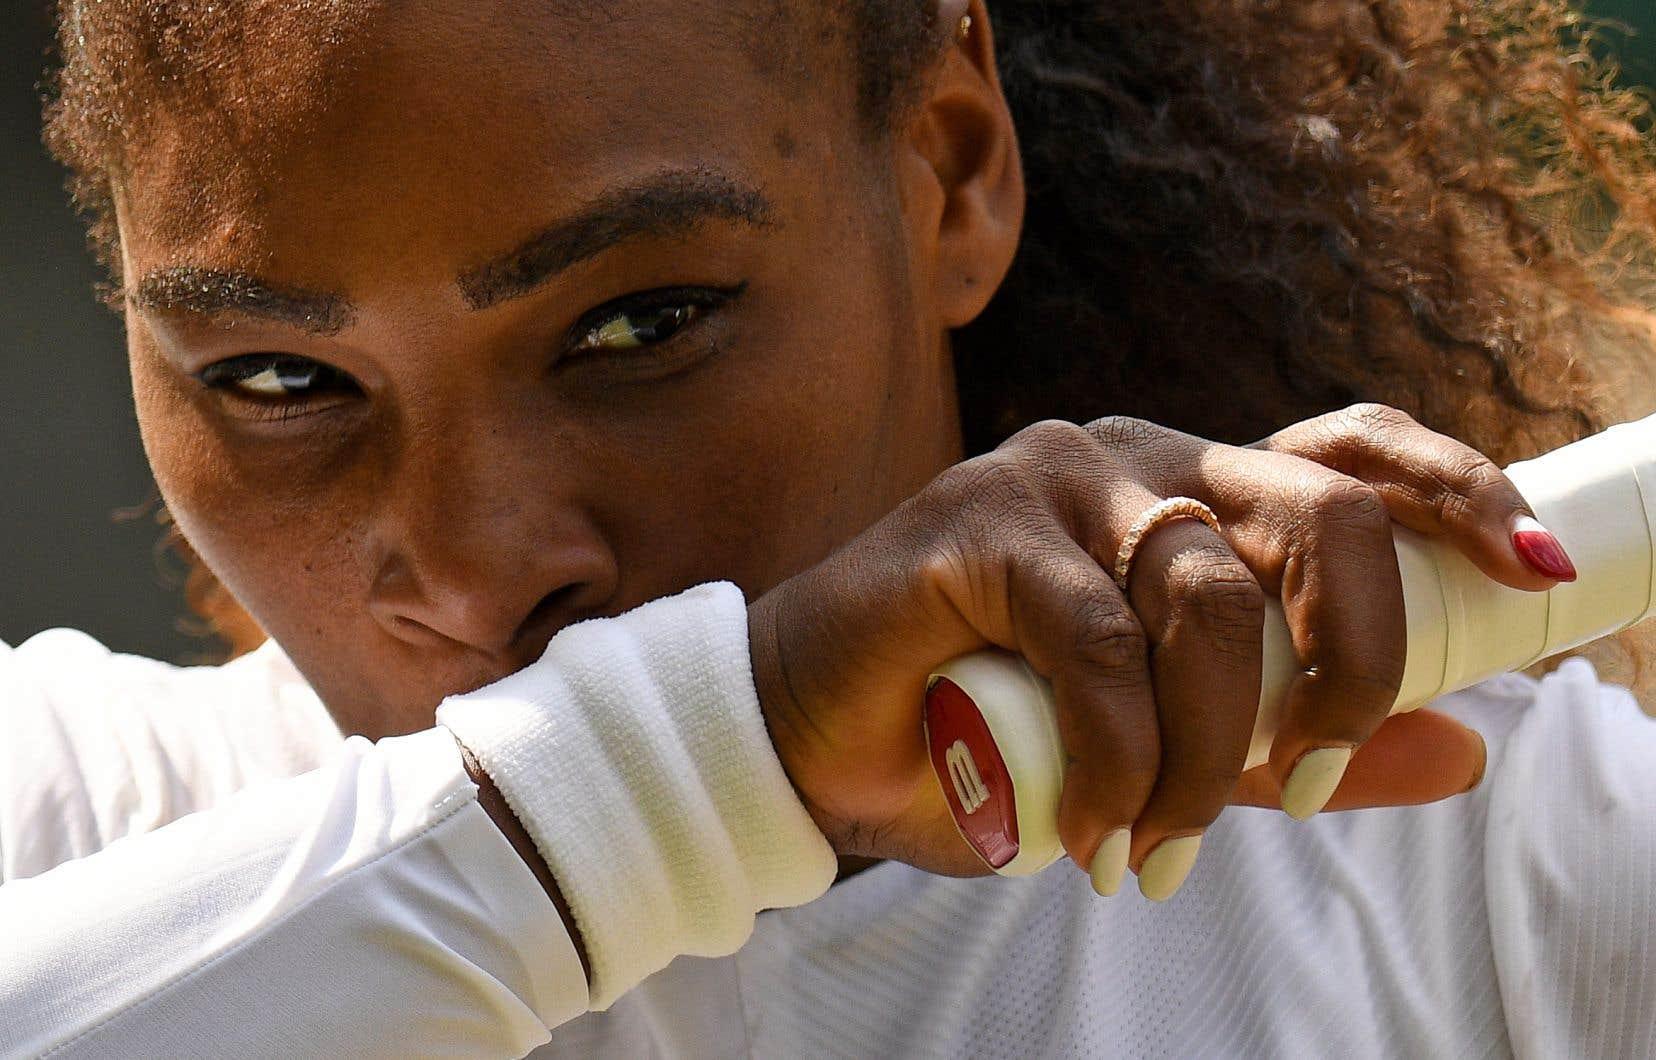 Il ne reste plus qu'un match à gagner à Serena Williams, samedi en finale, face à la renaissante Allemande Angelique Kerber, l'une des rares à l'avoir gênée ces dernières années.